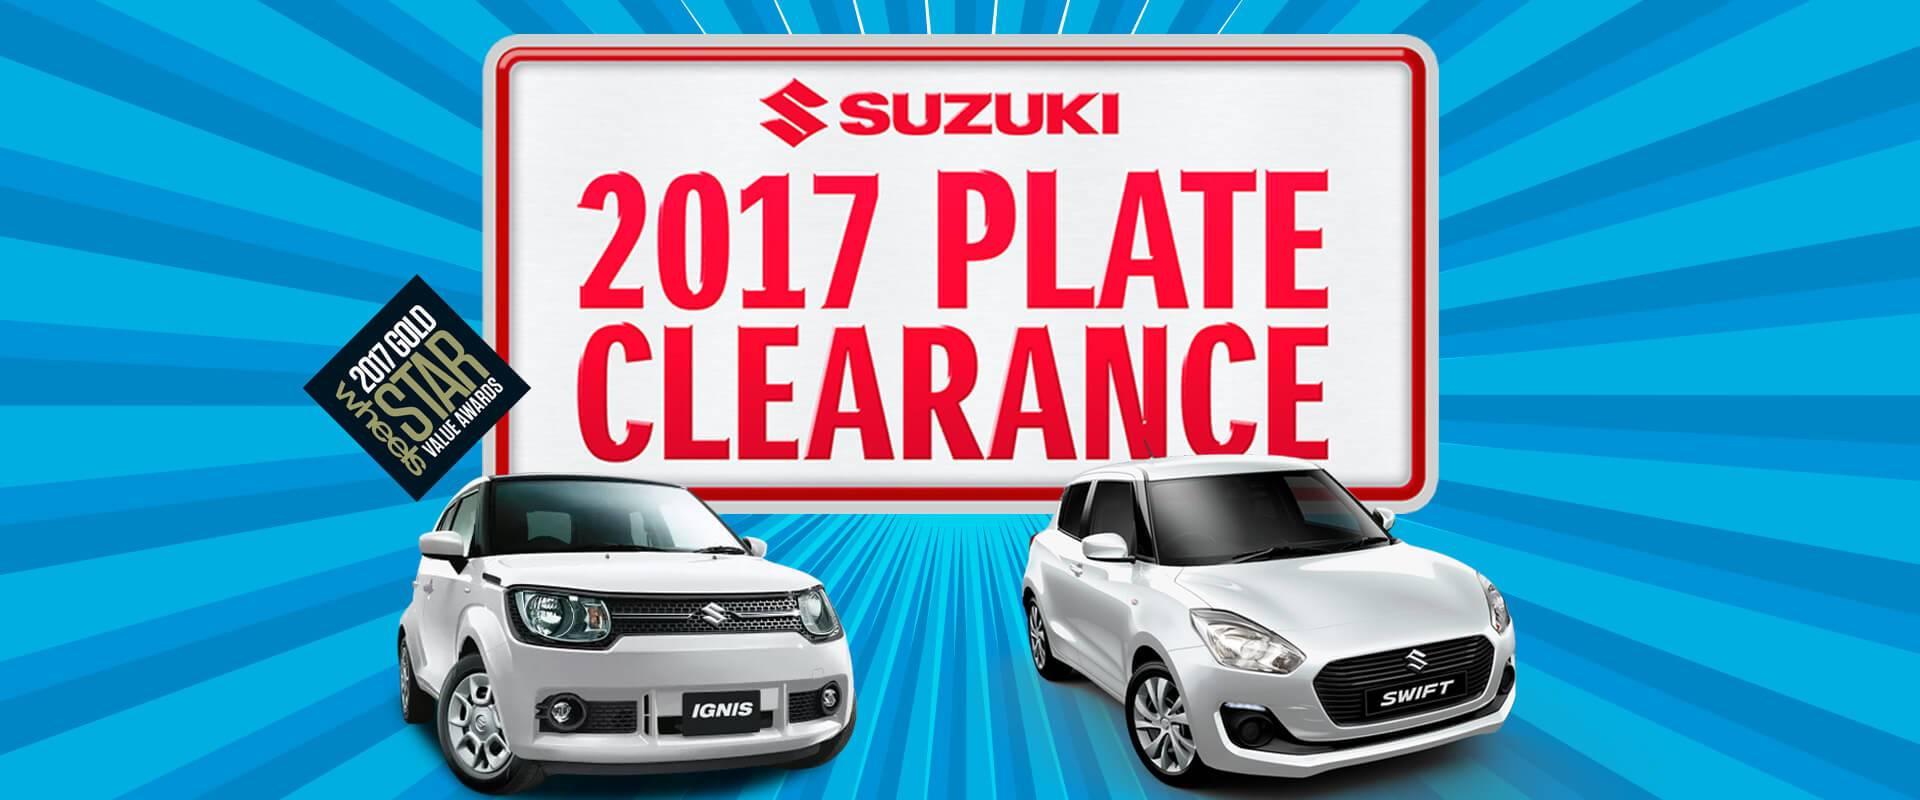 Suzuki Offers